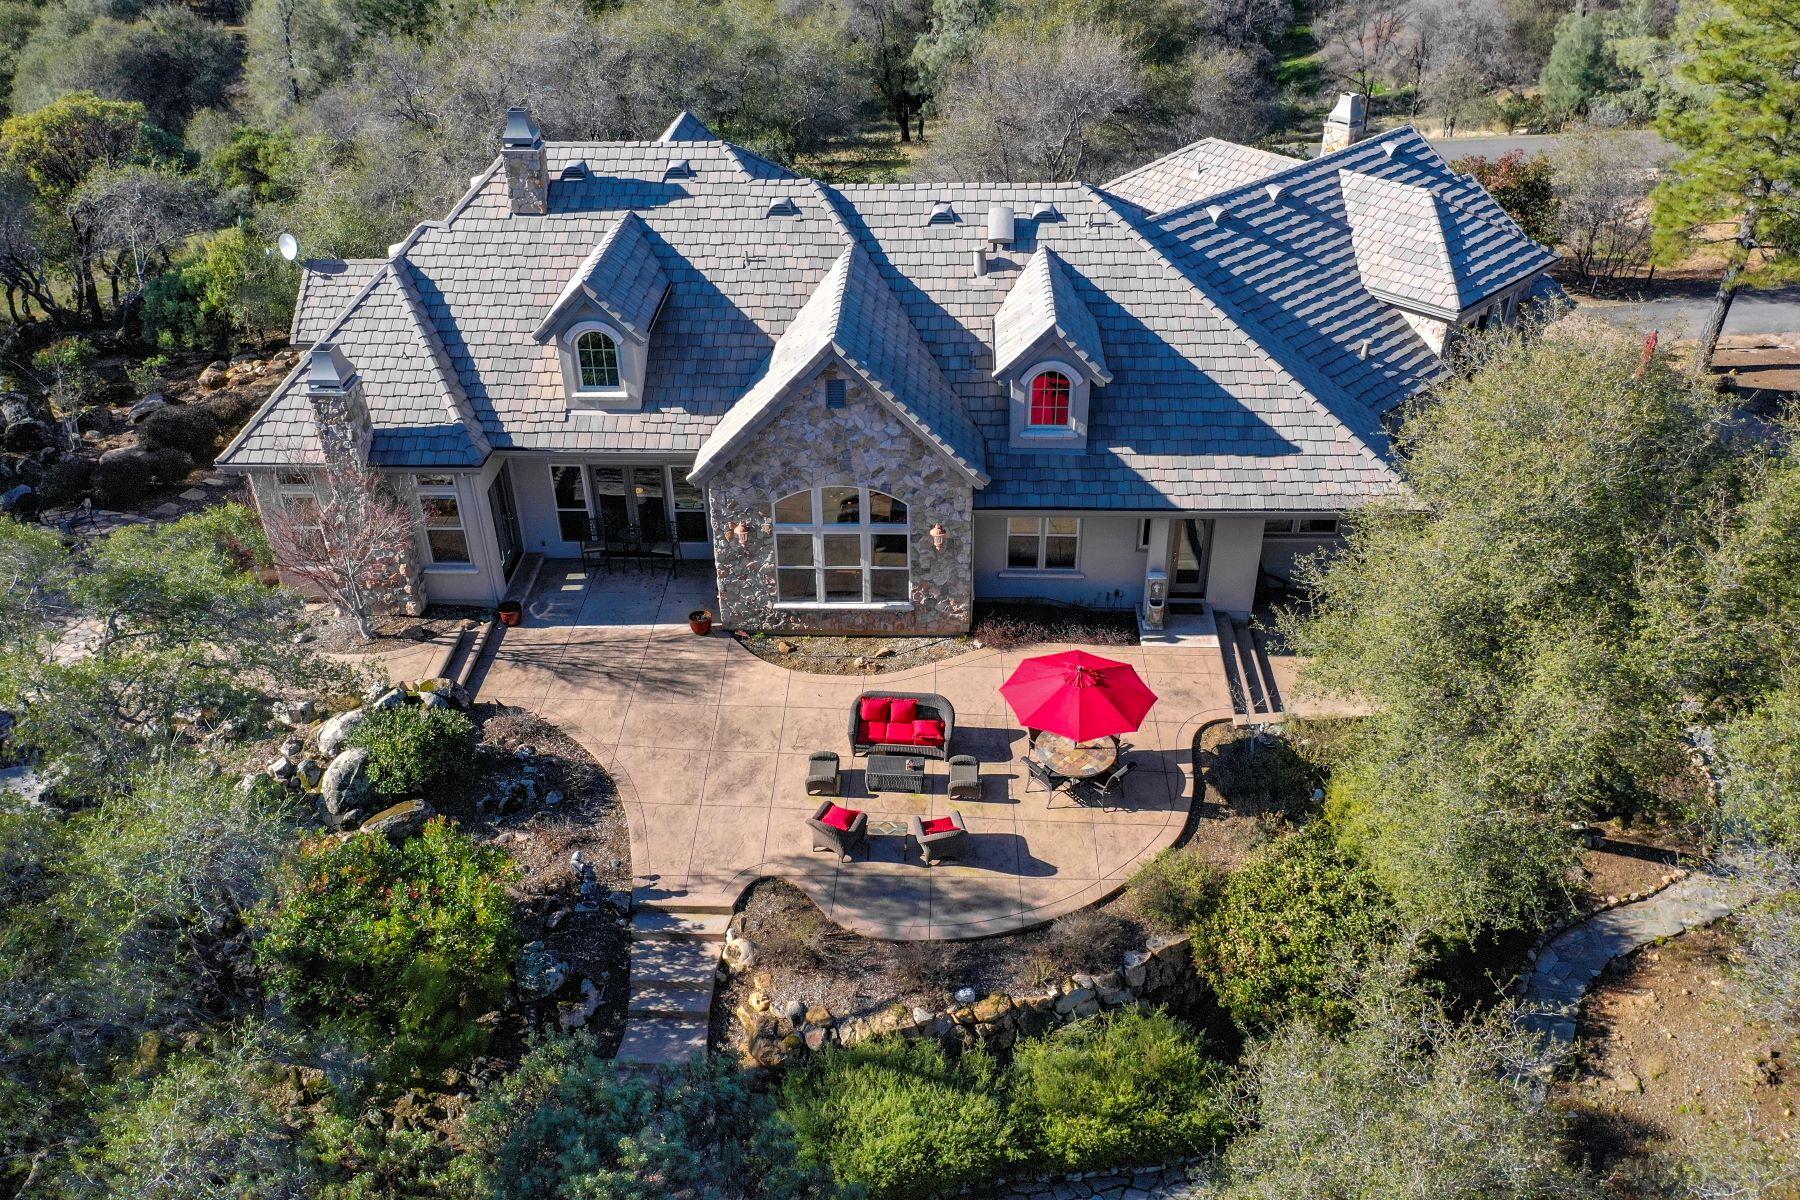 Single Family Homes para Venda às 2067 Long View Drive, Meadow Vista, CA 95722 Meadow Vista, Califórnia 95722 Estados Unidos